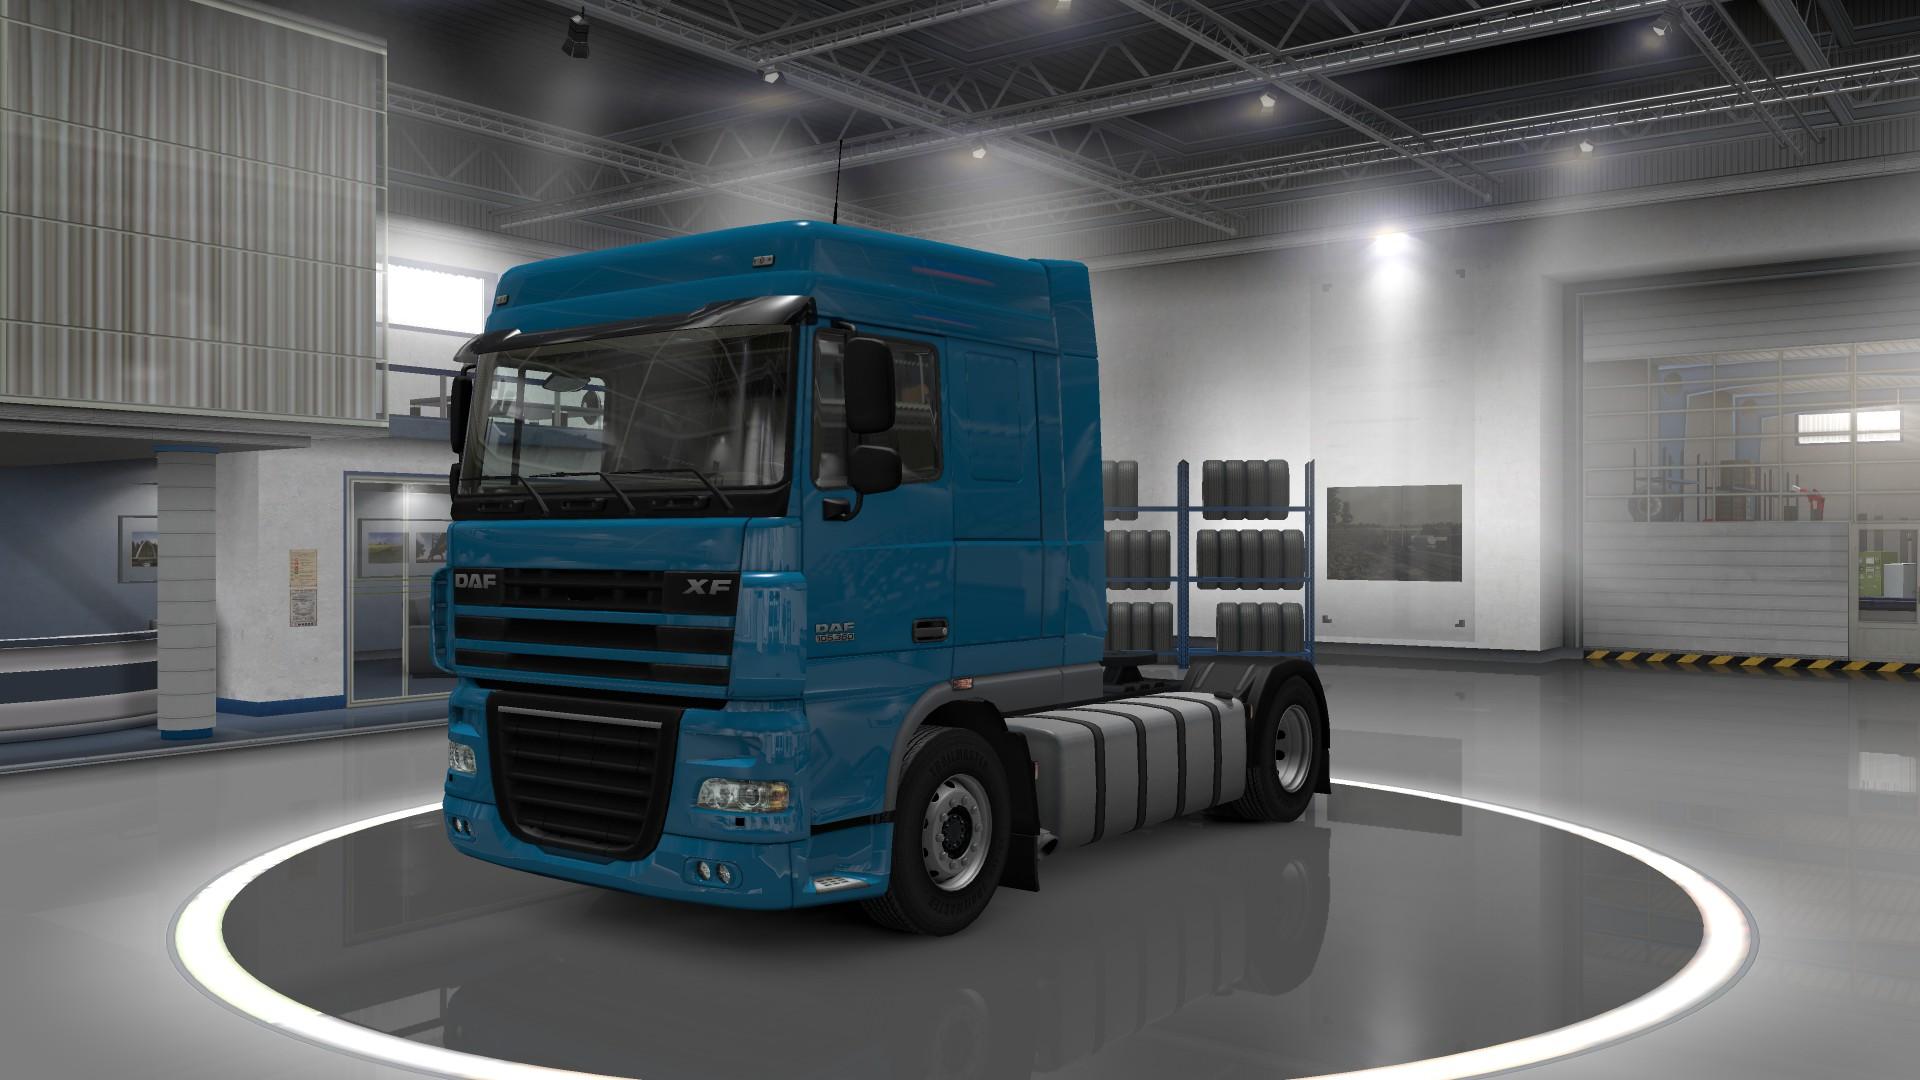 симулятор вождения тягача с прицепом